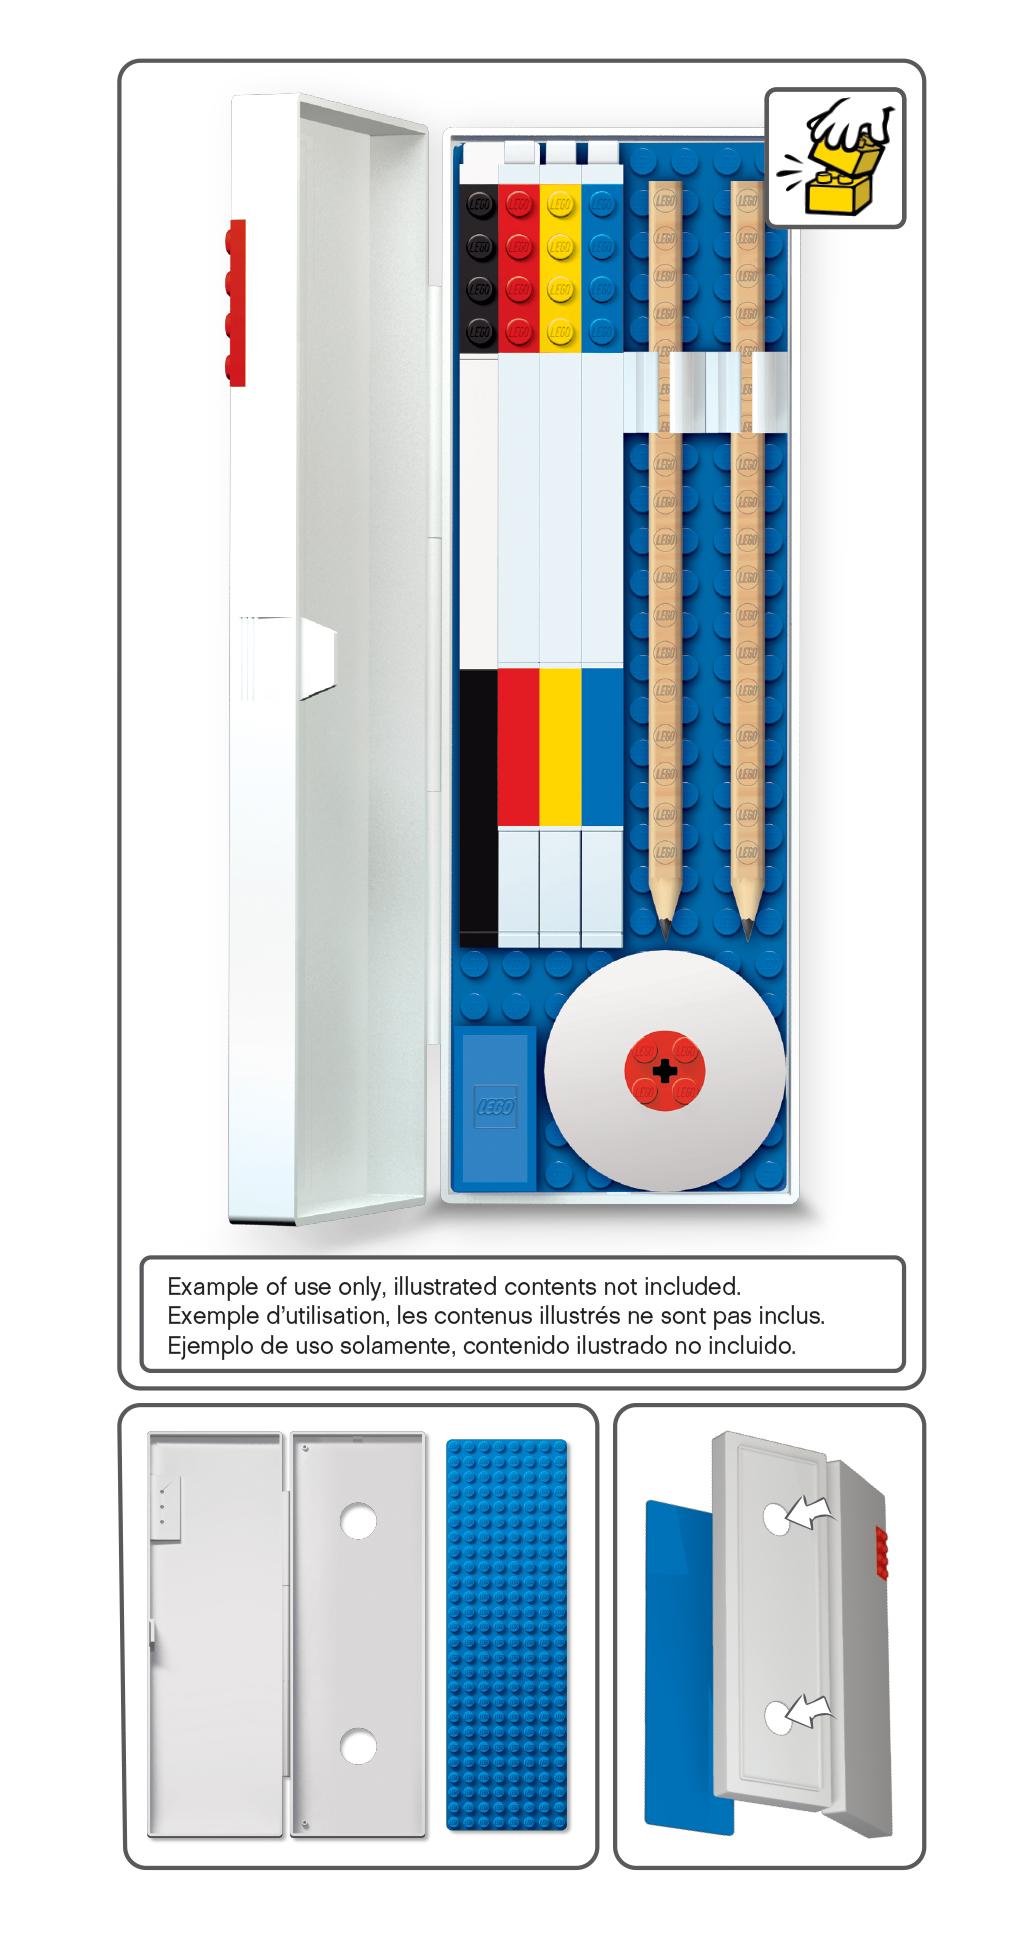 Пенал LEGO, цвет: красный (51521) lego пенал цвет красный lego